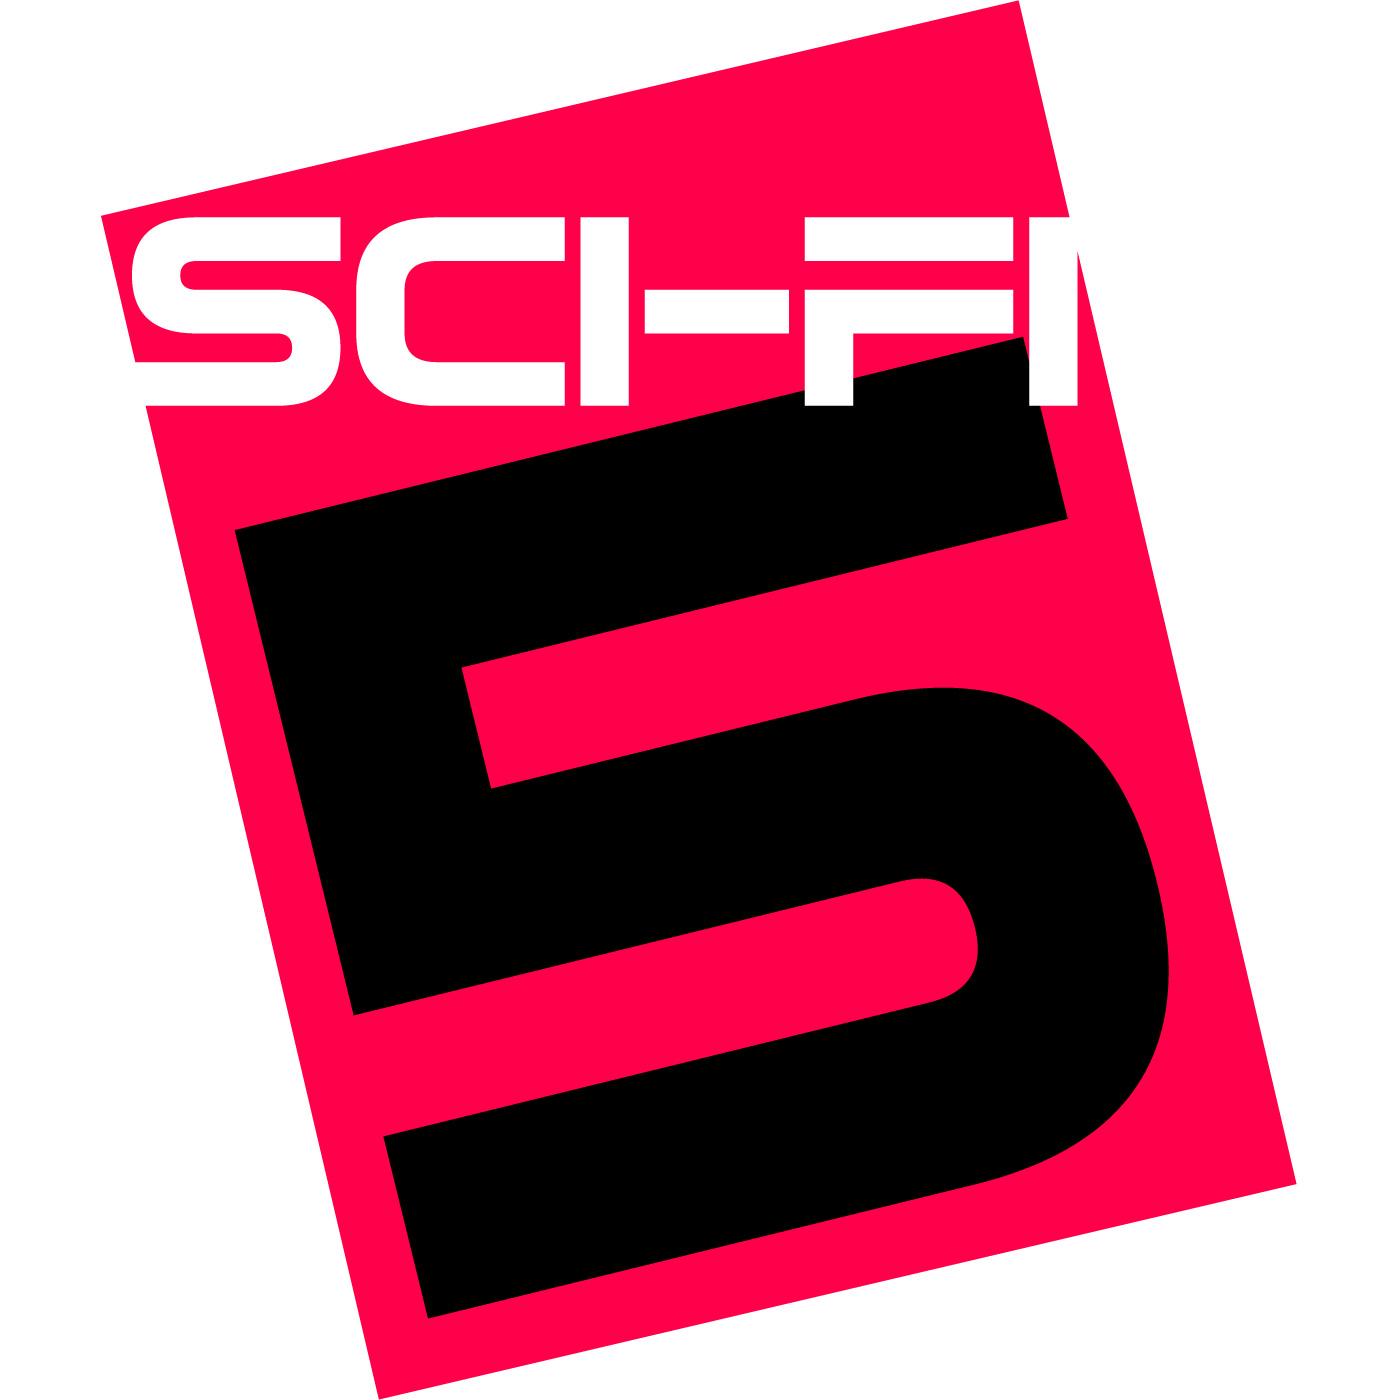 Sci-Fi 5 show art